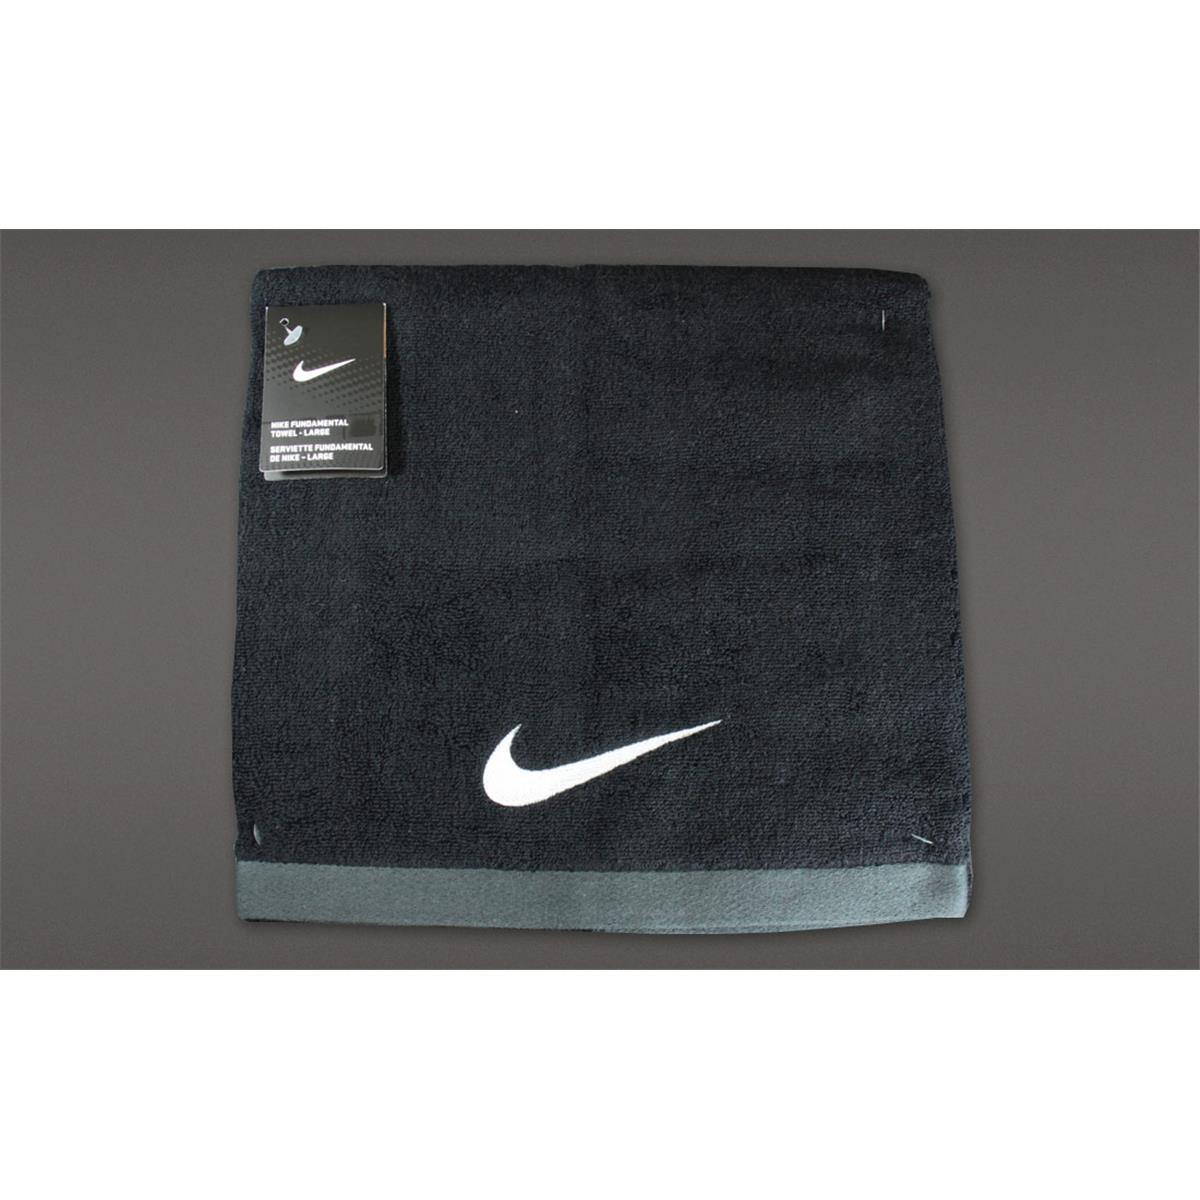 6be0251c Nike Fundamental Towel (Black) Large   directsportseshop.co.uk